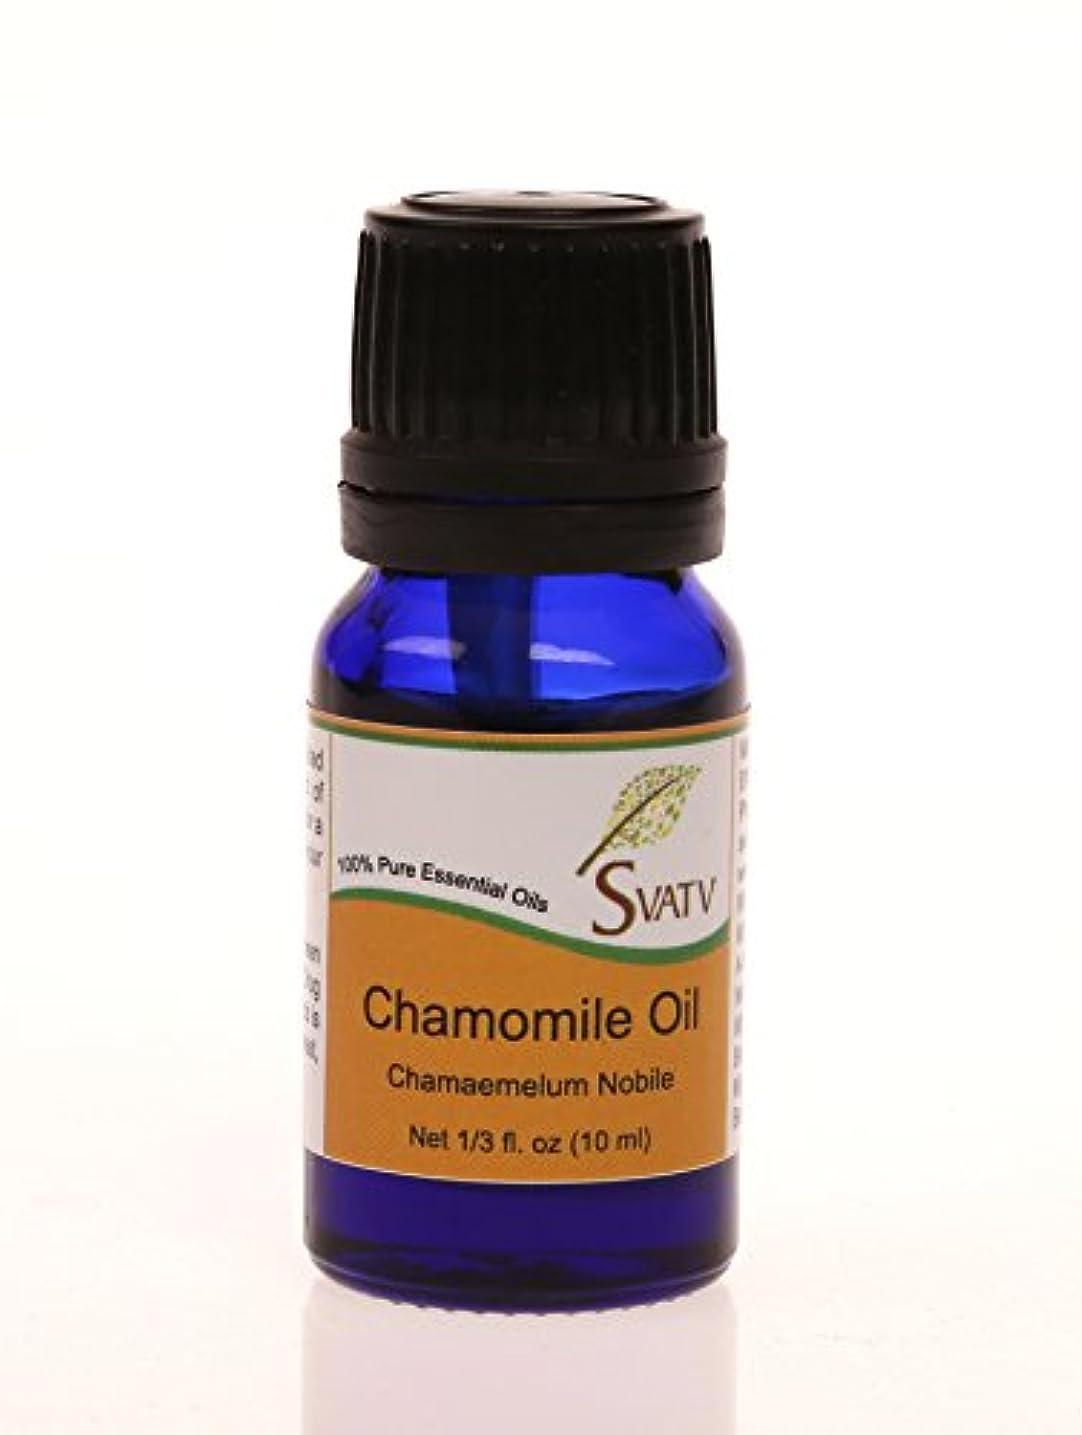 財産キュービック飽和するSVATVカモミール(Chamaemelum nobile)エッセンシャルオイル10mL(1/3オンス)100%純粋で無希釈、治療グレード